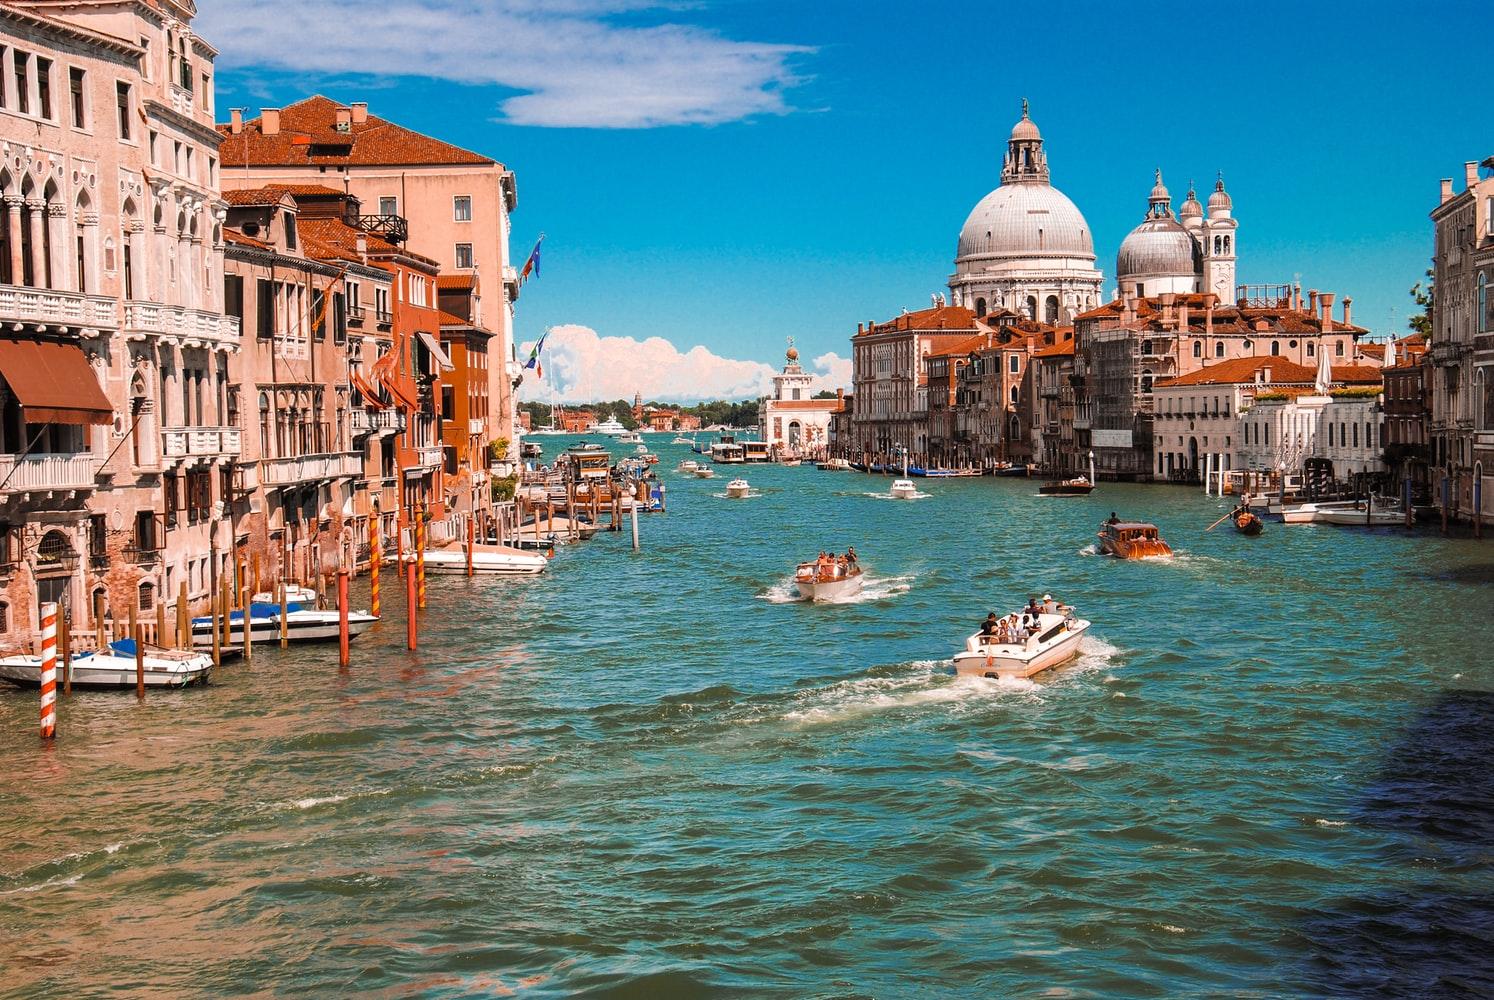 Thành phố Venice là một trong những địa điểm du lịch đông khách nhất thế giới. Ảnh: Unsplash